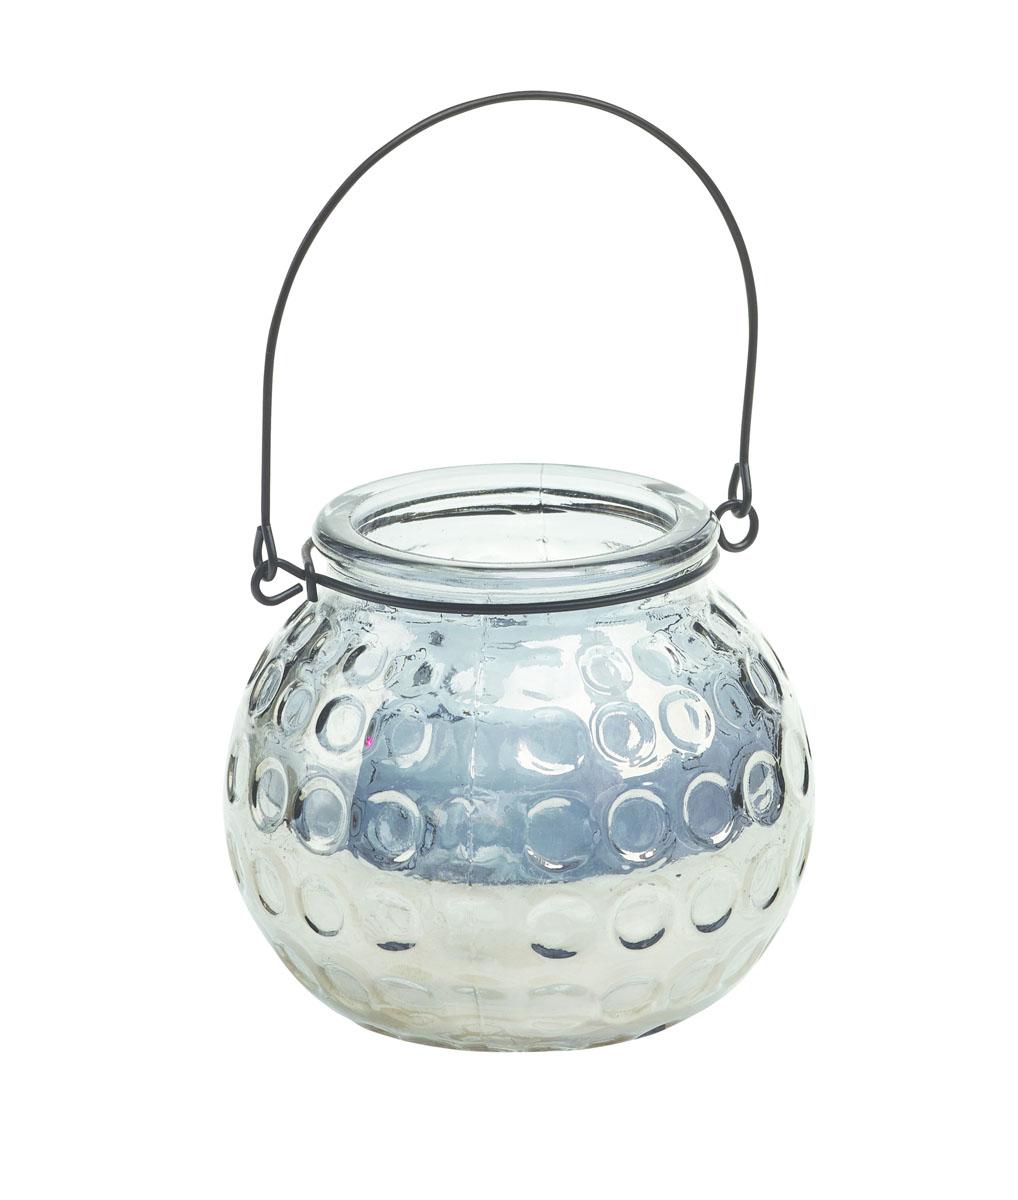 Подсвечник подвесной Gardman Honey Pot, цвет: серебристый, 8,5 смRG-D31SДекоративный подсвечник Gardman Honey Pot, изготовленный из высококачественного стекла, позволит украсить интерьер дома или рабочего кабинета оригинальным образом. Вы можете поставить или подвесить подсвечник в любом месте, где он будет удачно смотреться и радовать глаз. Кроме того - это отличный вариант подарка для ваших близких и друзей.